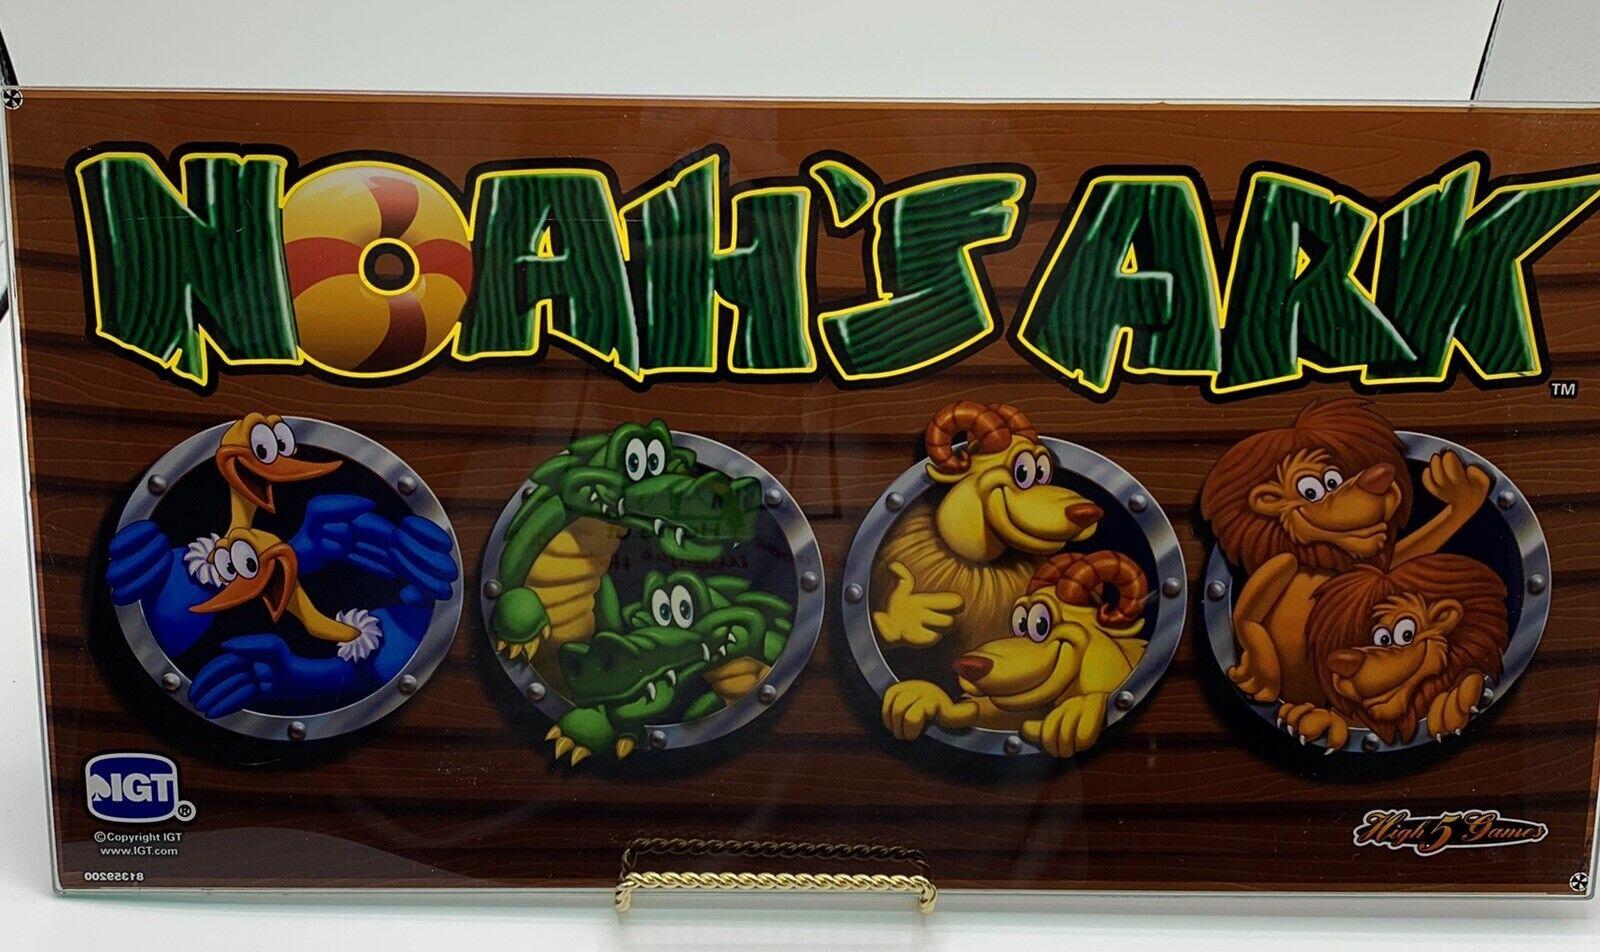 Noah s ark игровой автомат на деньги игровые автоматы на телефон